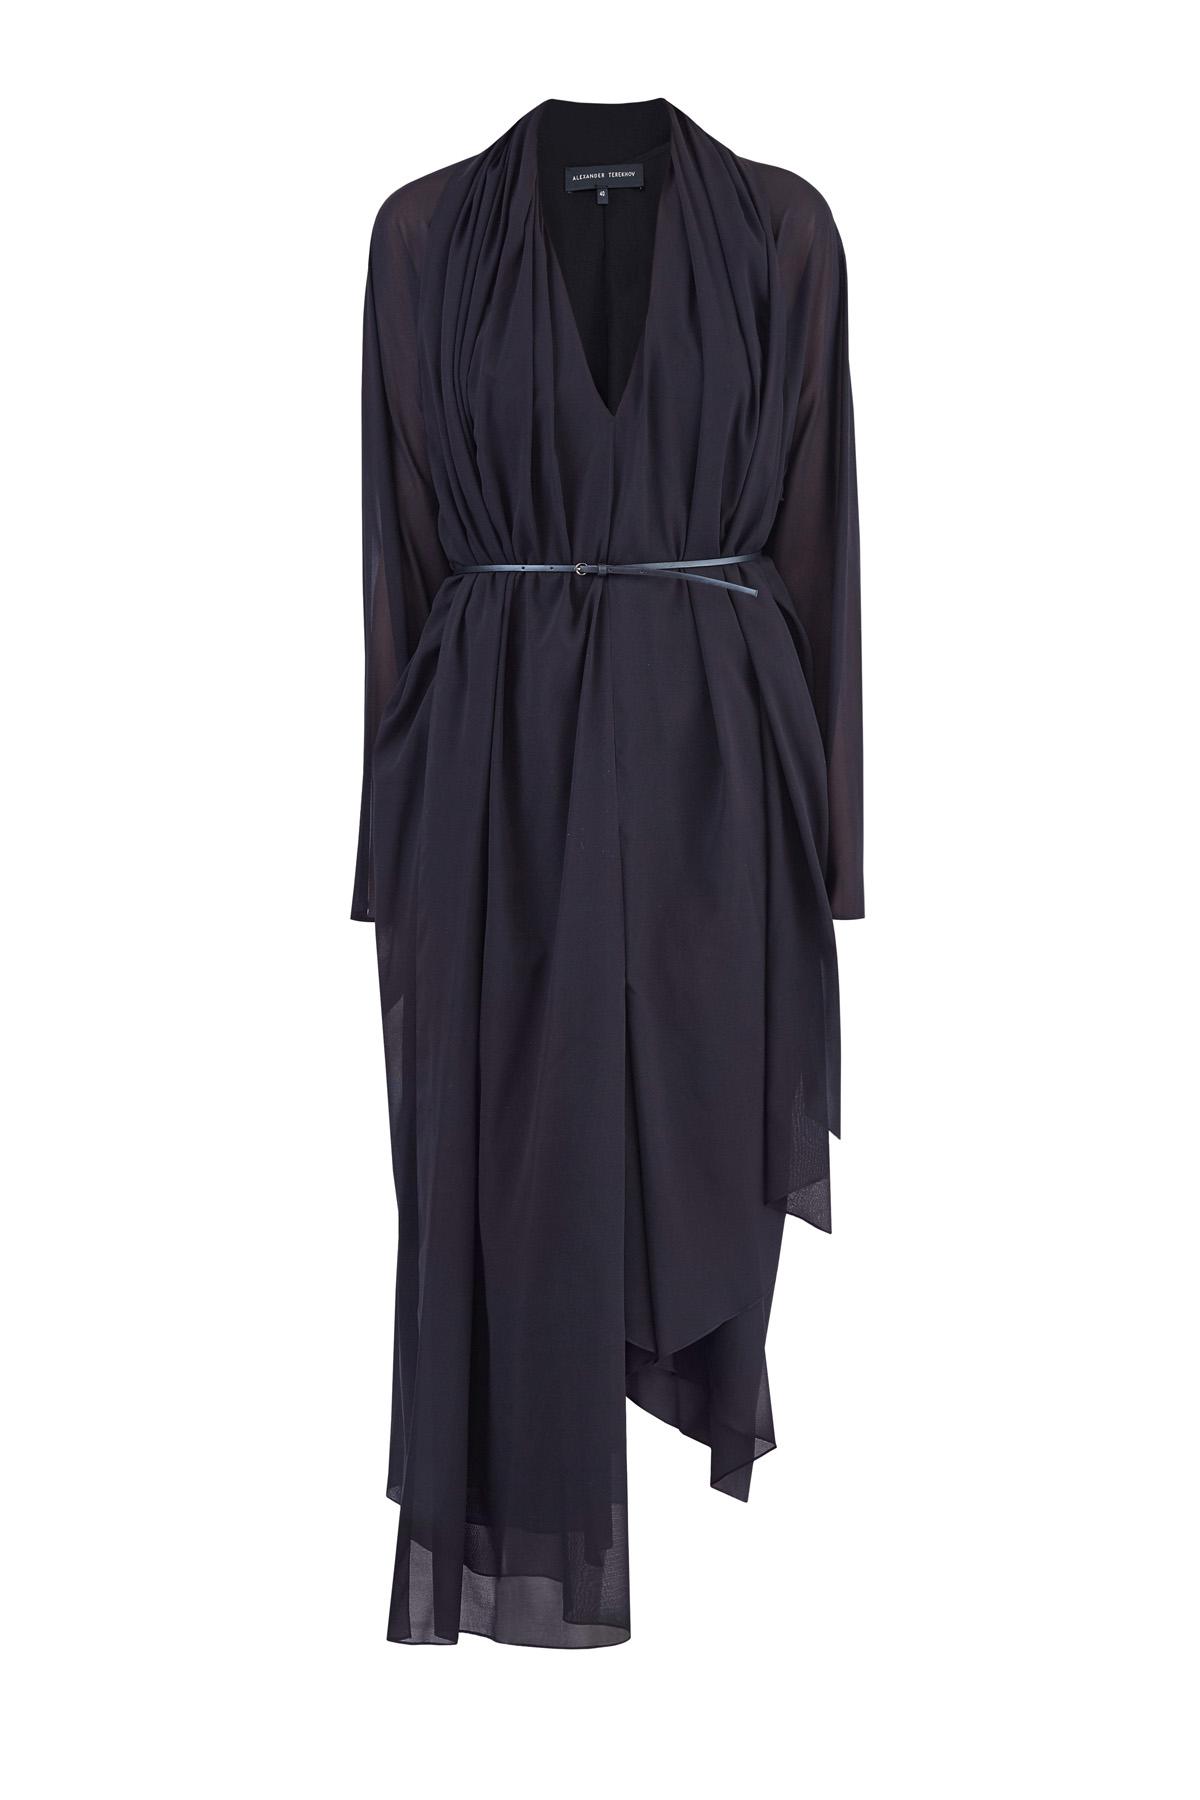 Купить Шелковое асимметричное многослойное платье с ремнем на талии, ALEXANDER TEREKHOV, Россия, шелк 95%, эластан 5%